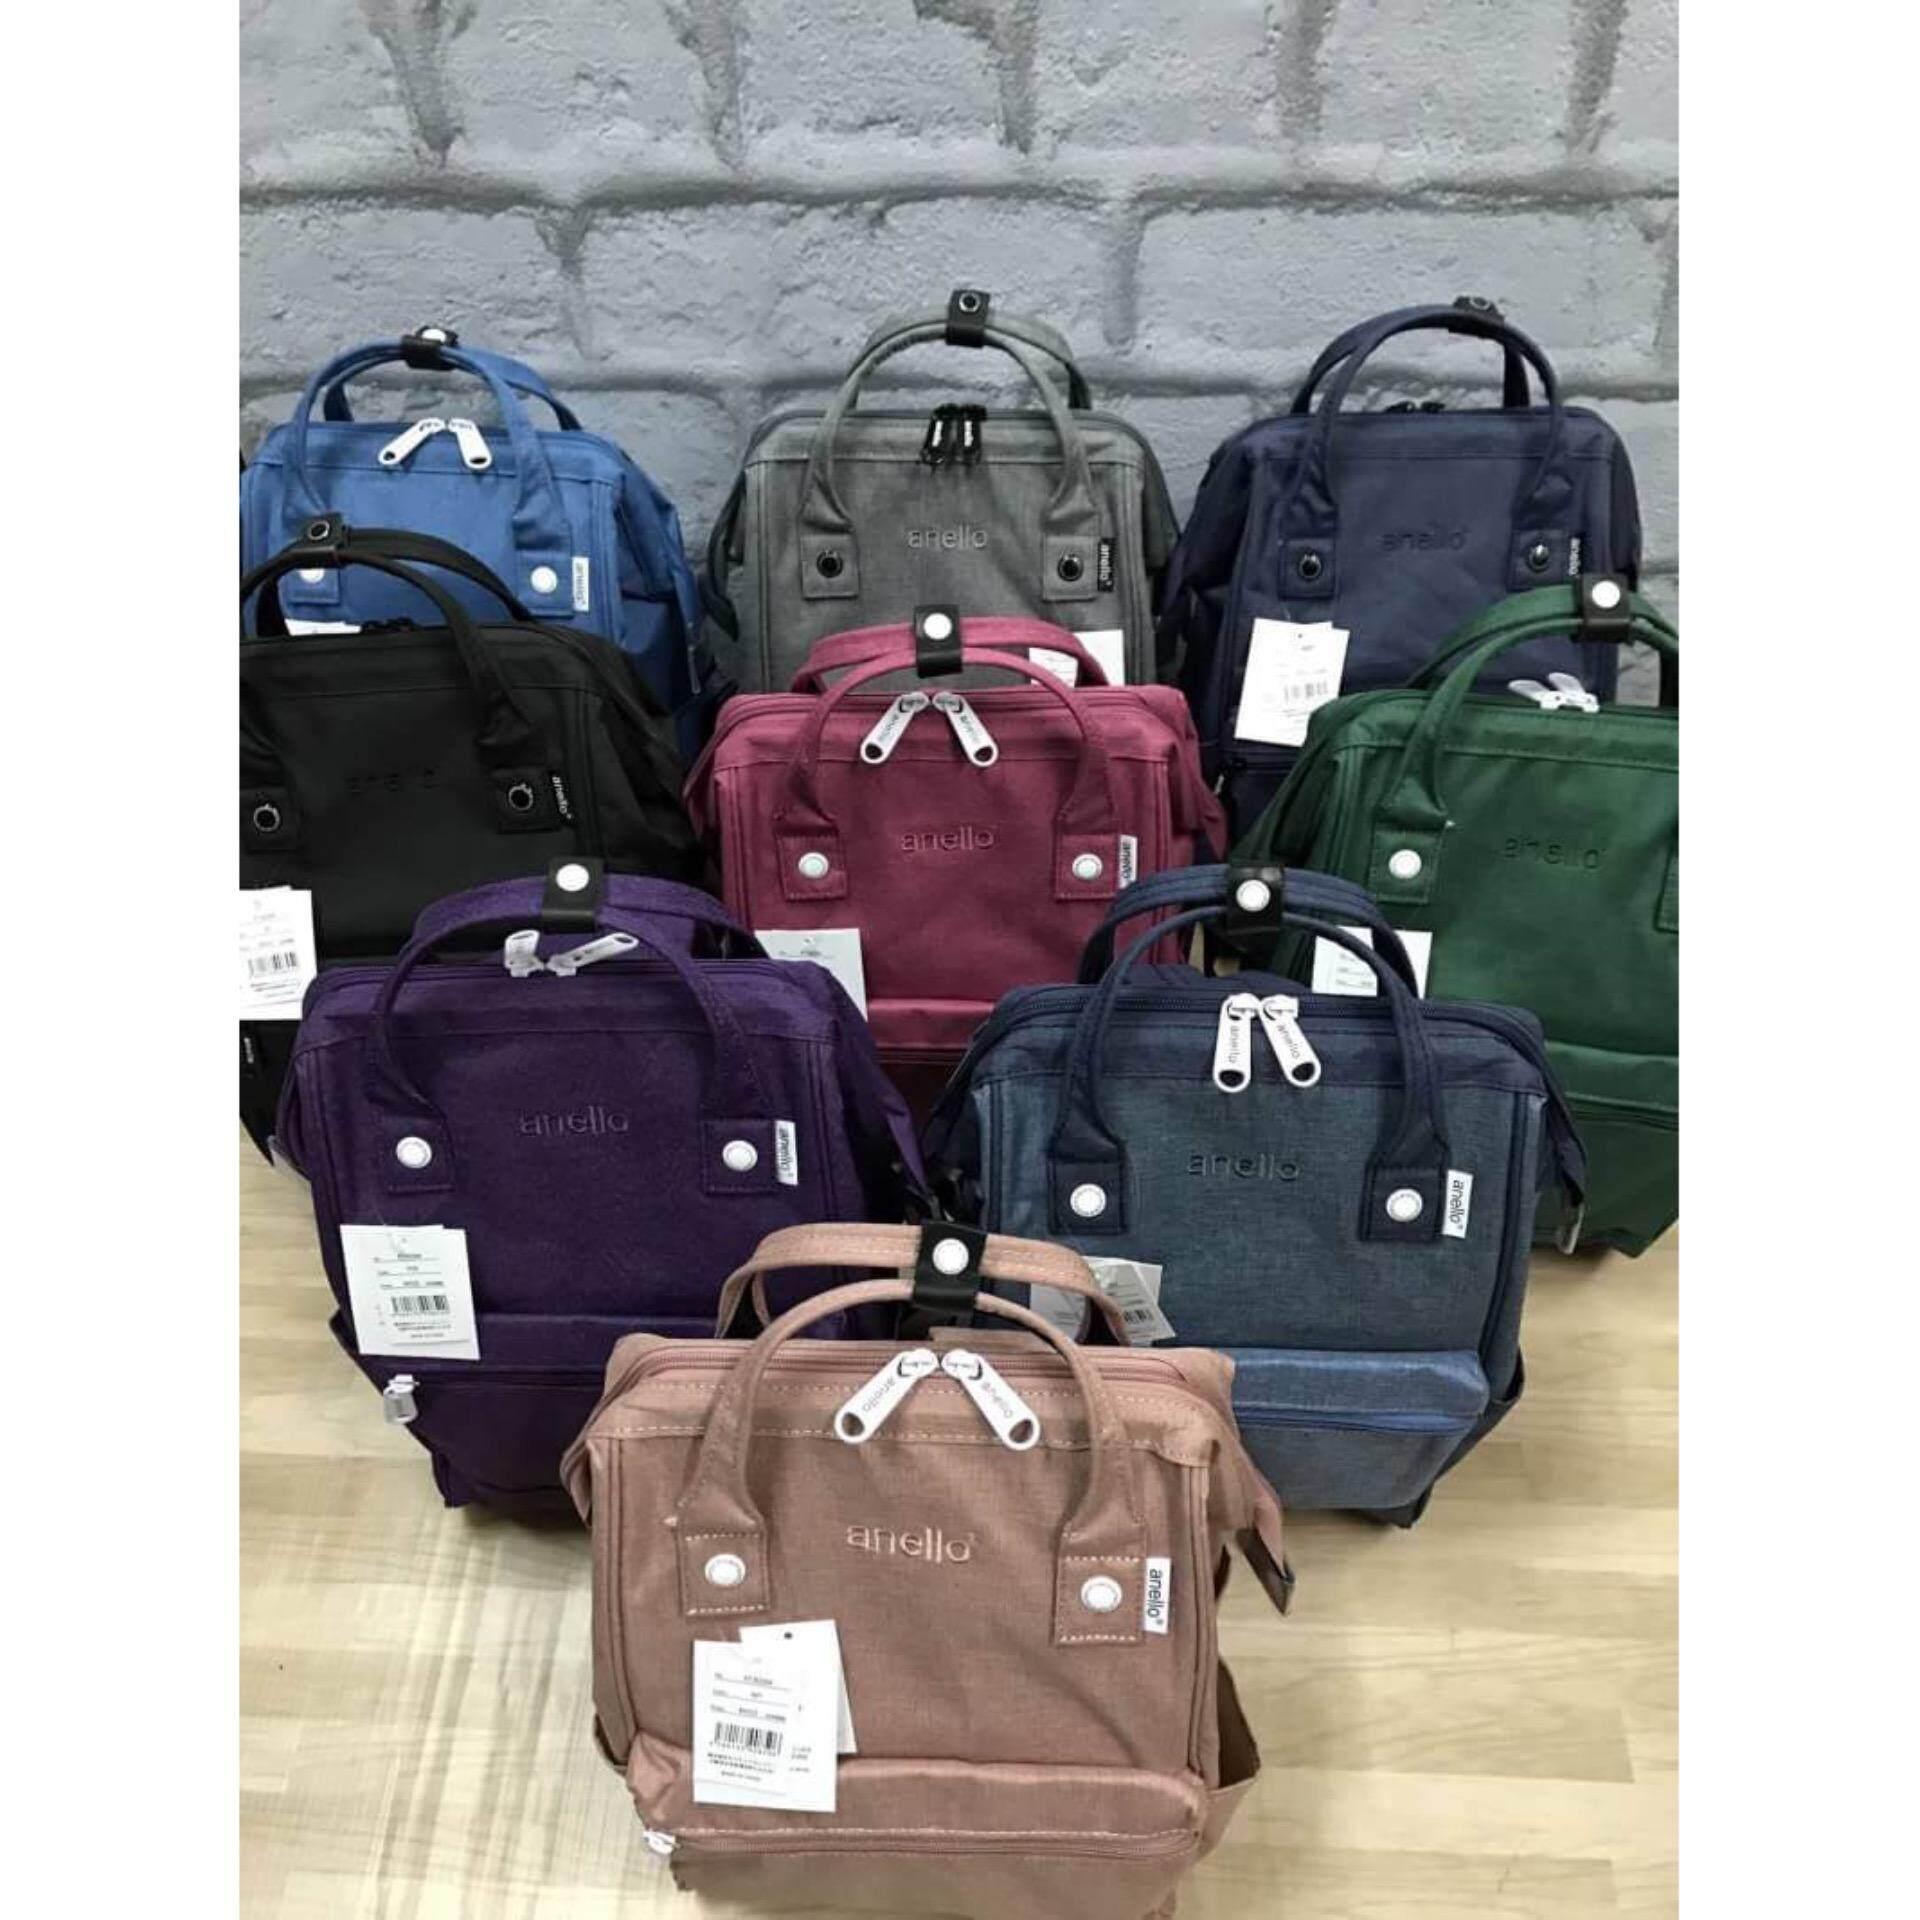 การใช้งาน  นราธิวาส Anello Mottled Polyester Mini Backpack